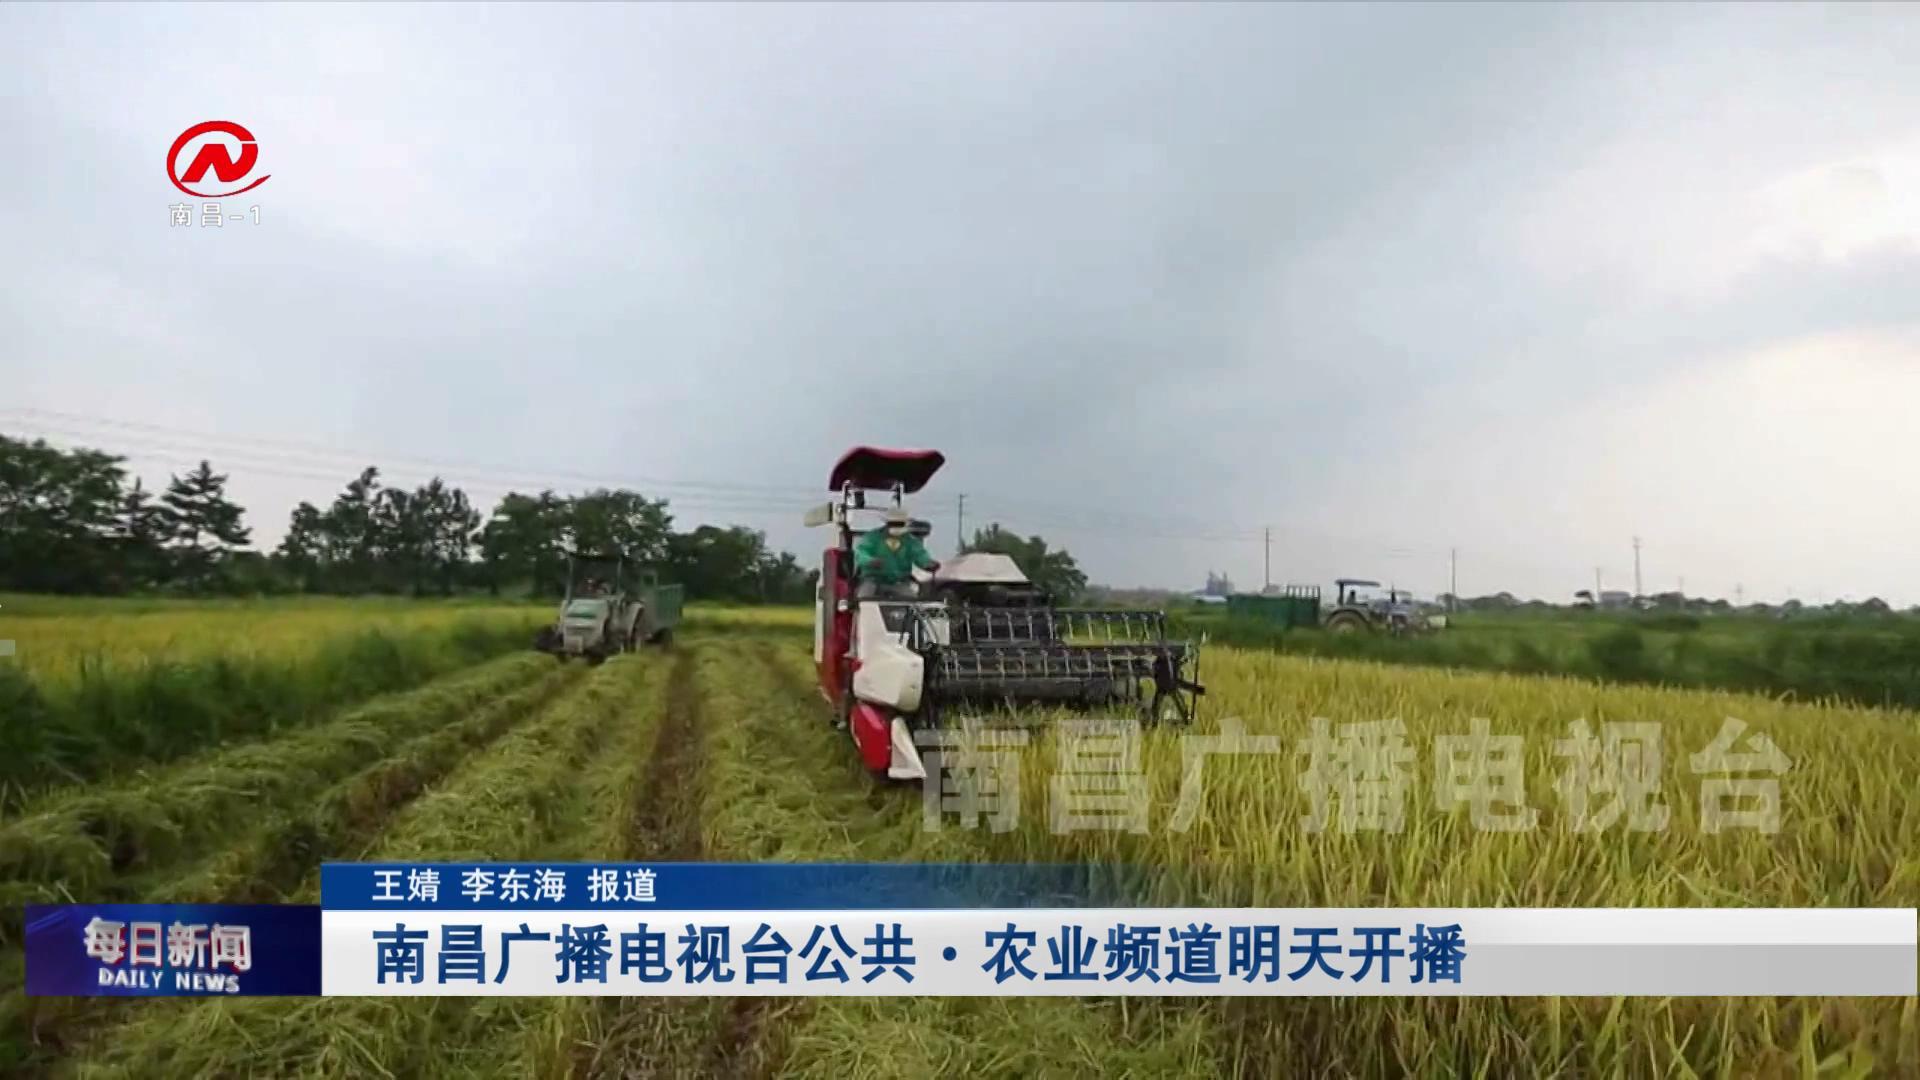 南昌广播电视台公共·农业频道明天开播